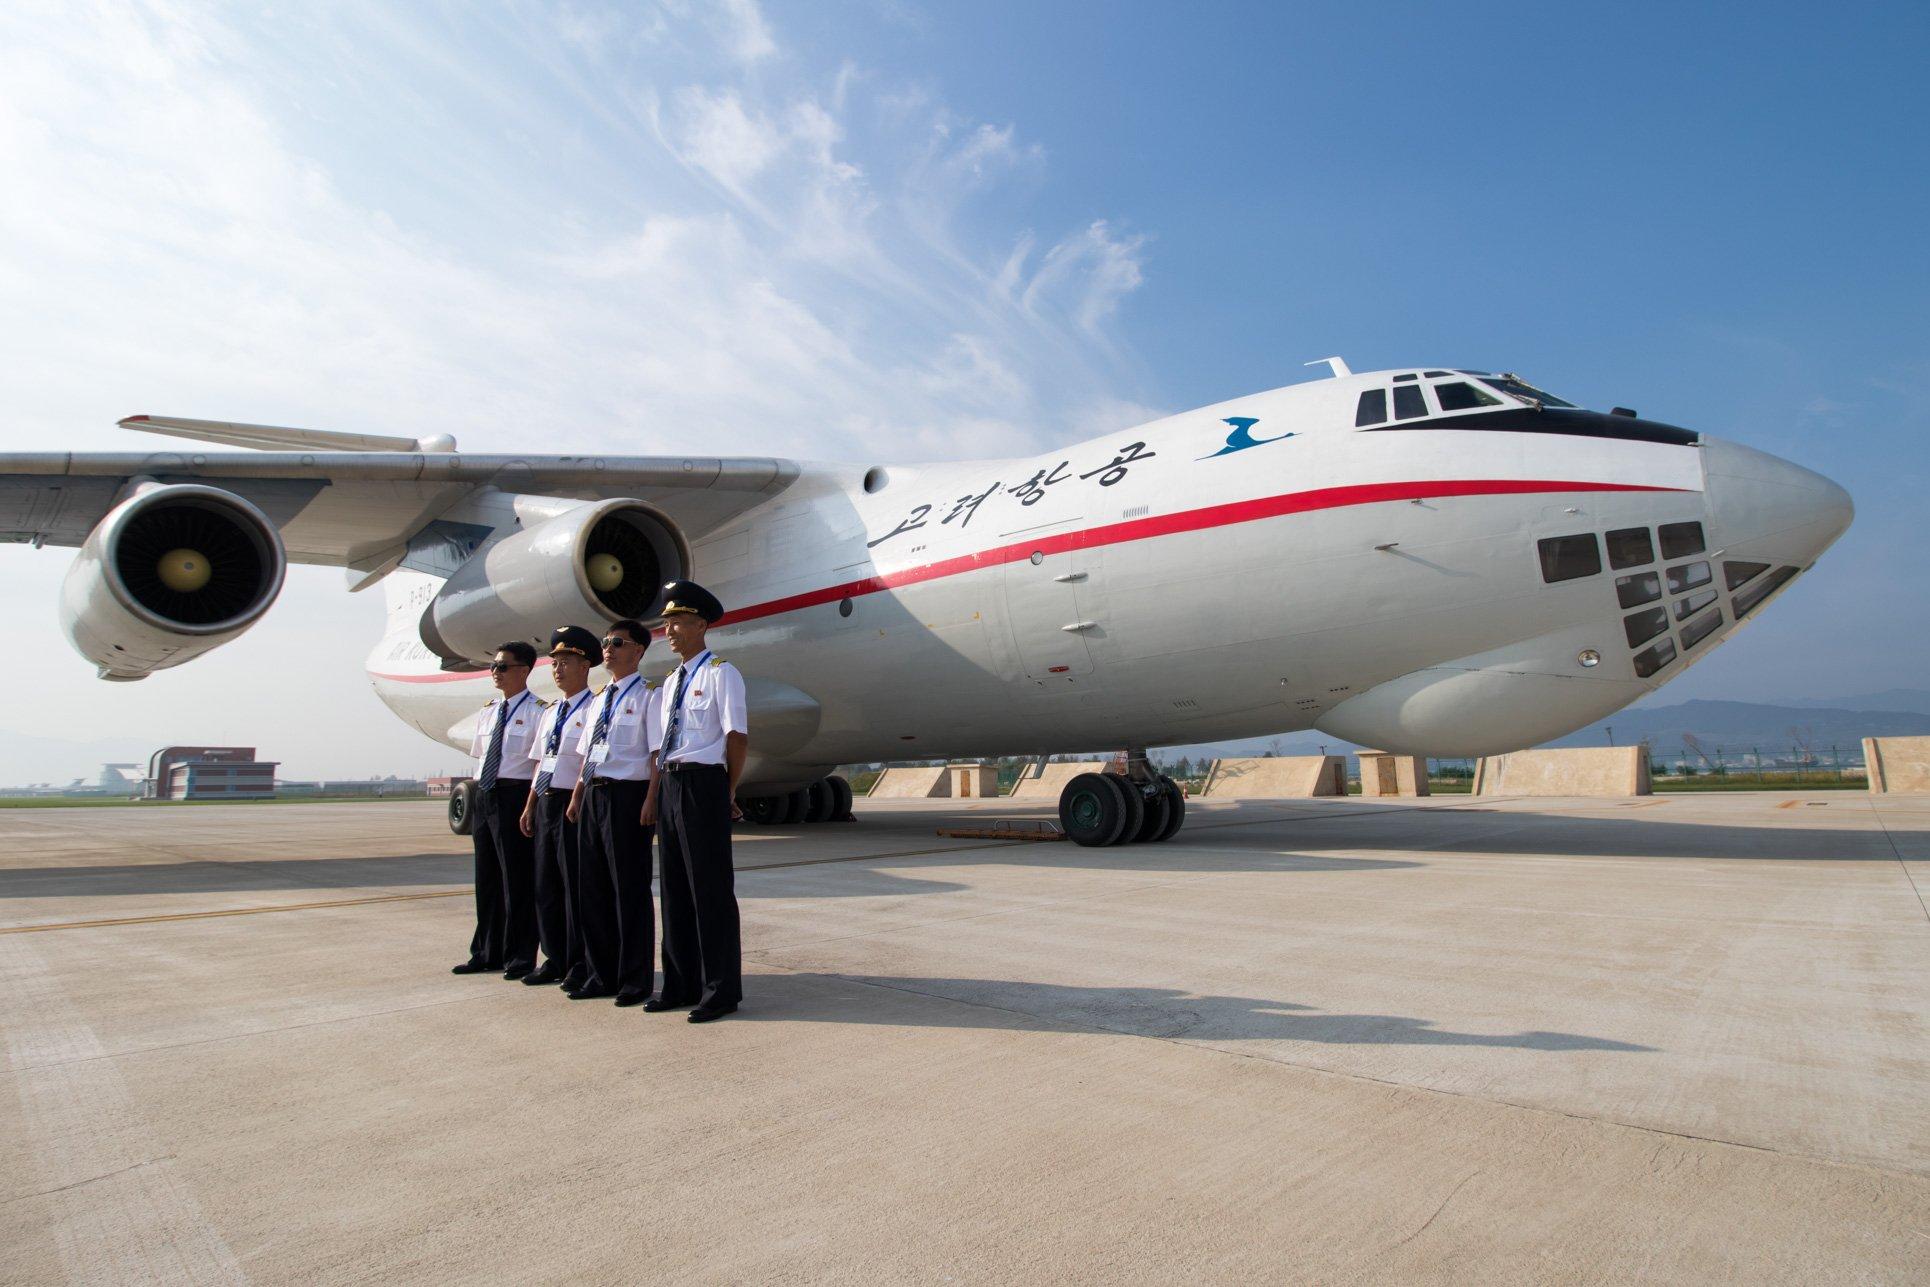 Il-76 Crew